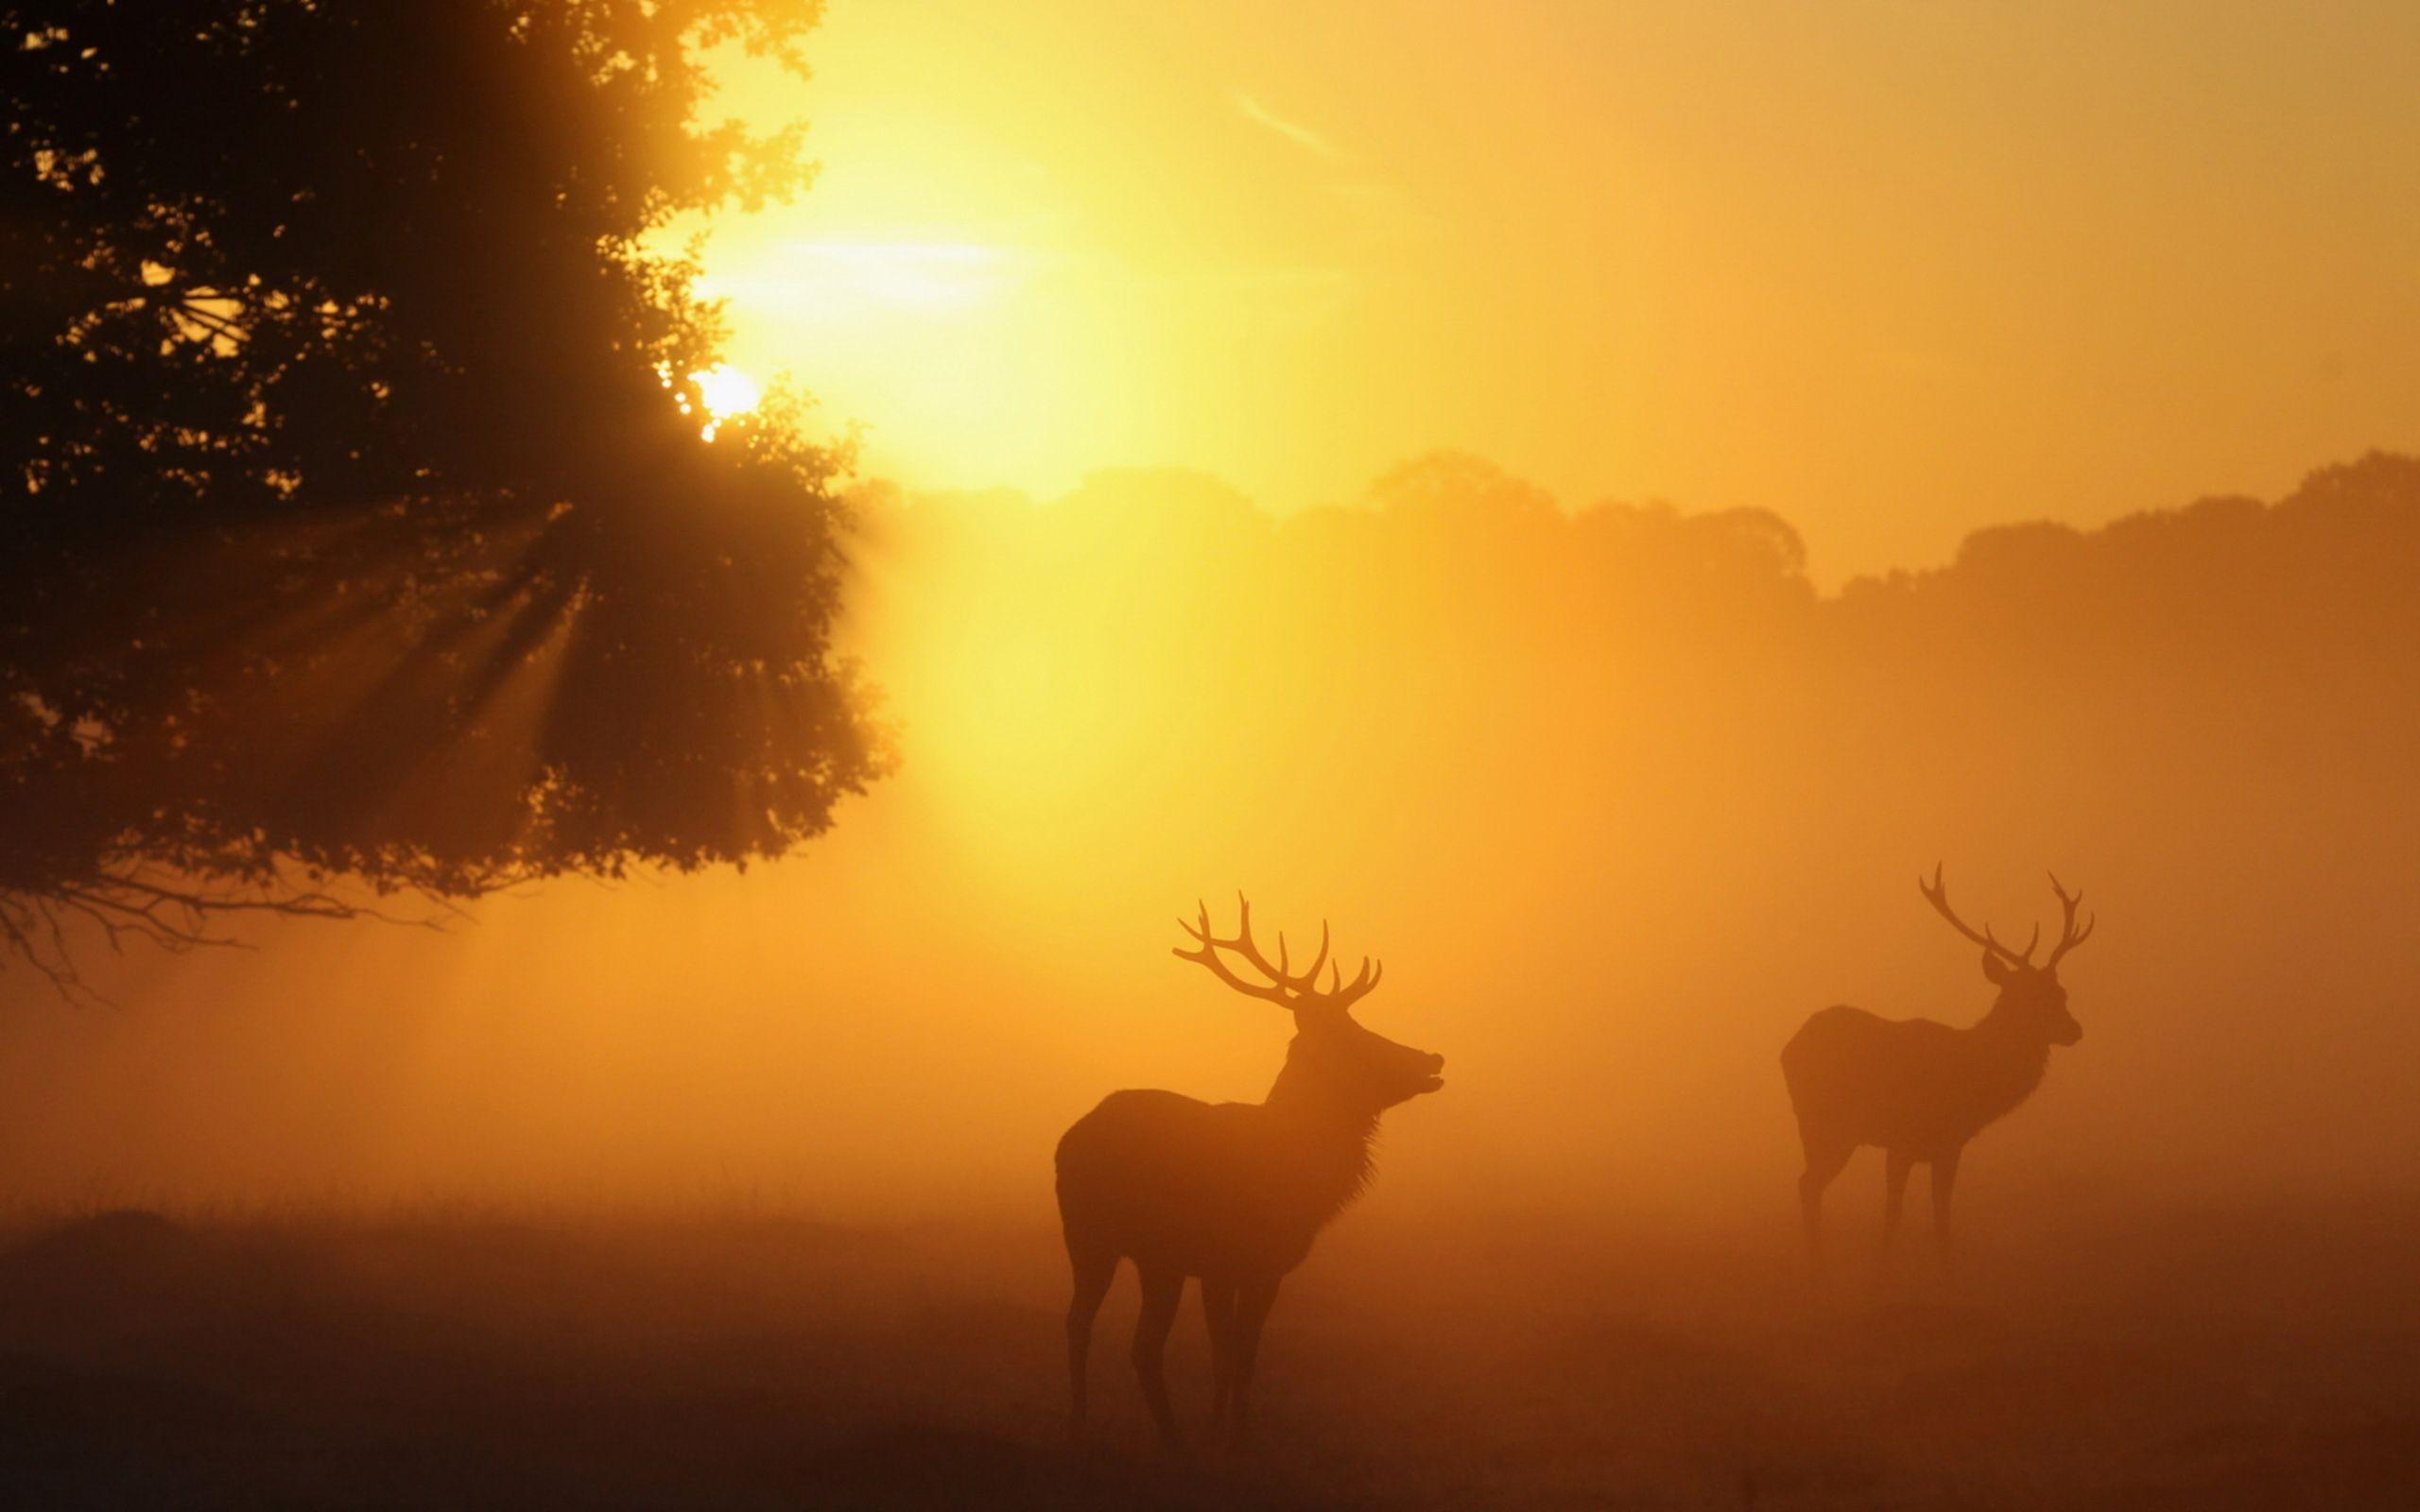 Fall Wildlife Wallpaper and Screensavers – WallpaperSafari